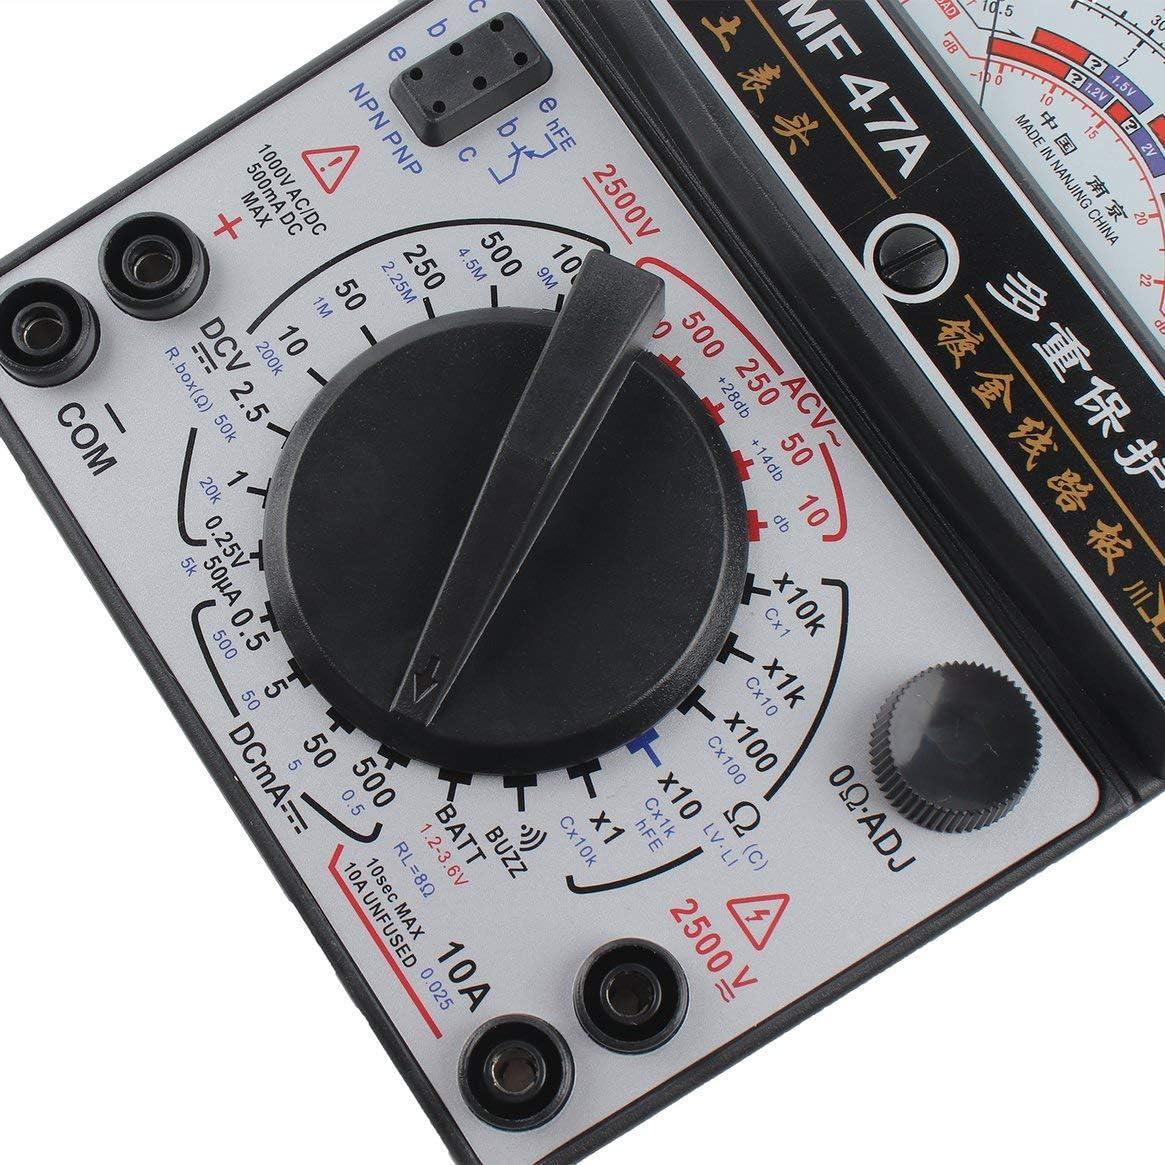 Kongqiabona-UK Mult/ímetro anal/ógico MF-47A Voltaje DC//AC Medidor de Corriente Prueba de bater/ía Multitester